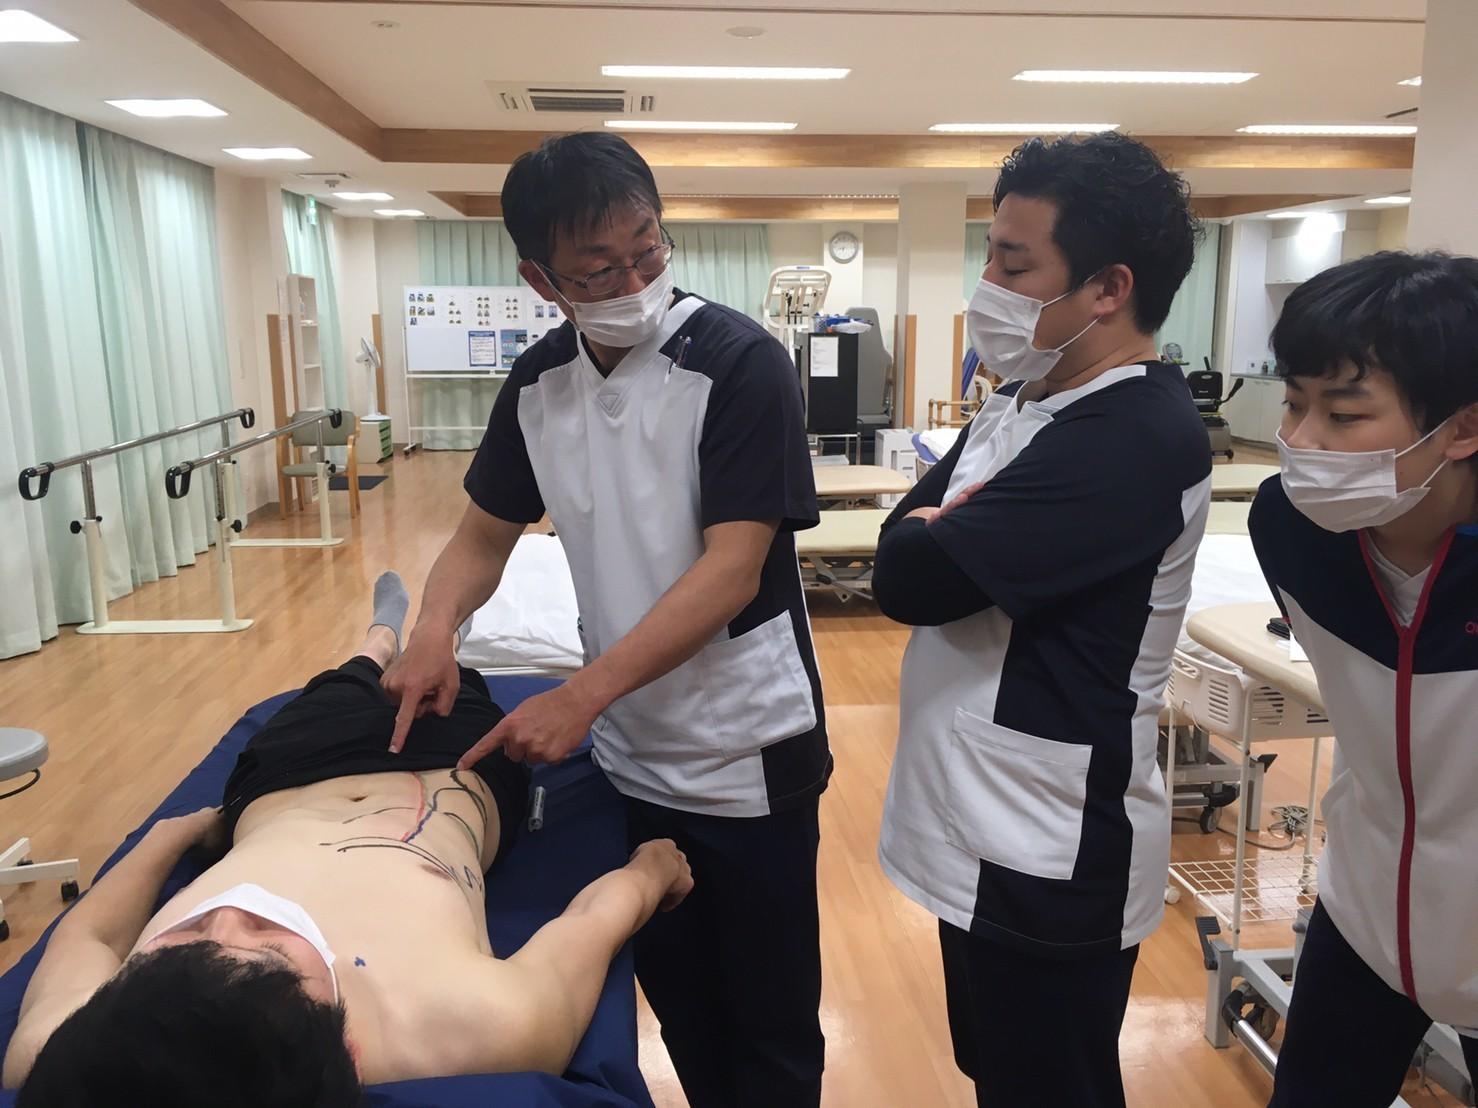 第186回TOC体表解剖勉強会|内・外腹斜筋、腹横筋筋の触察_b0329026_22470399.jpg